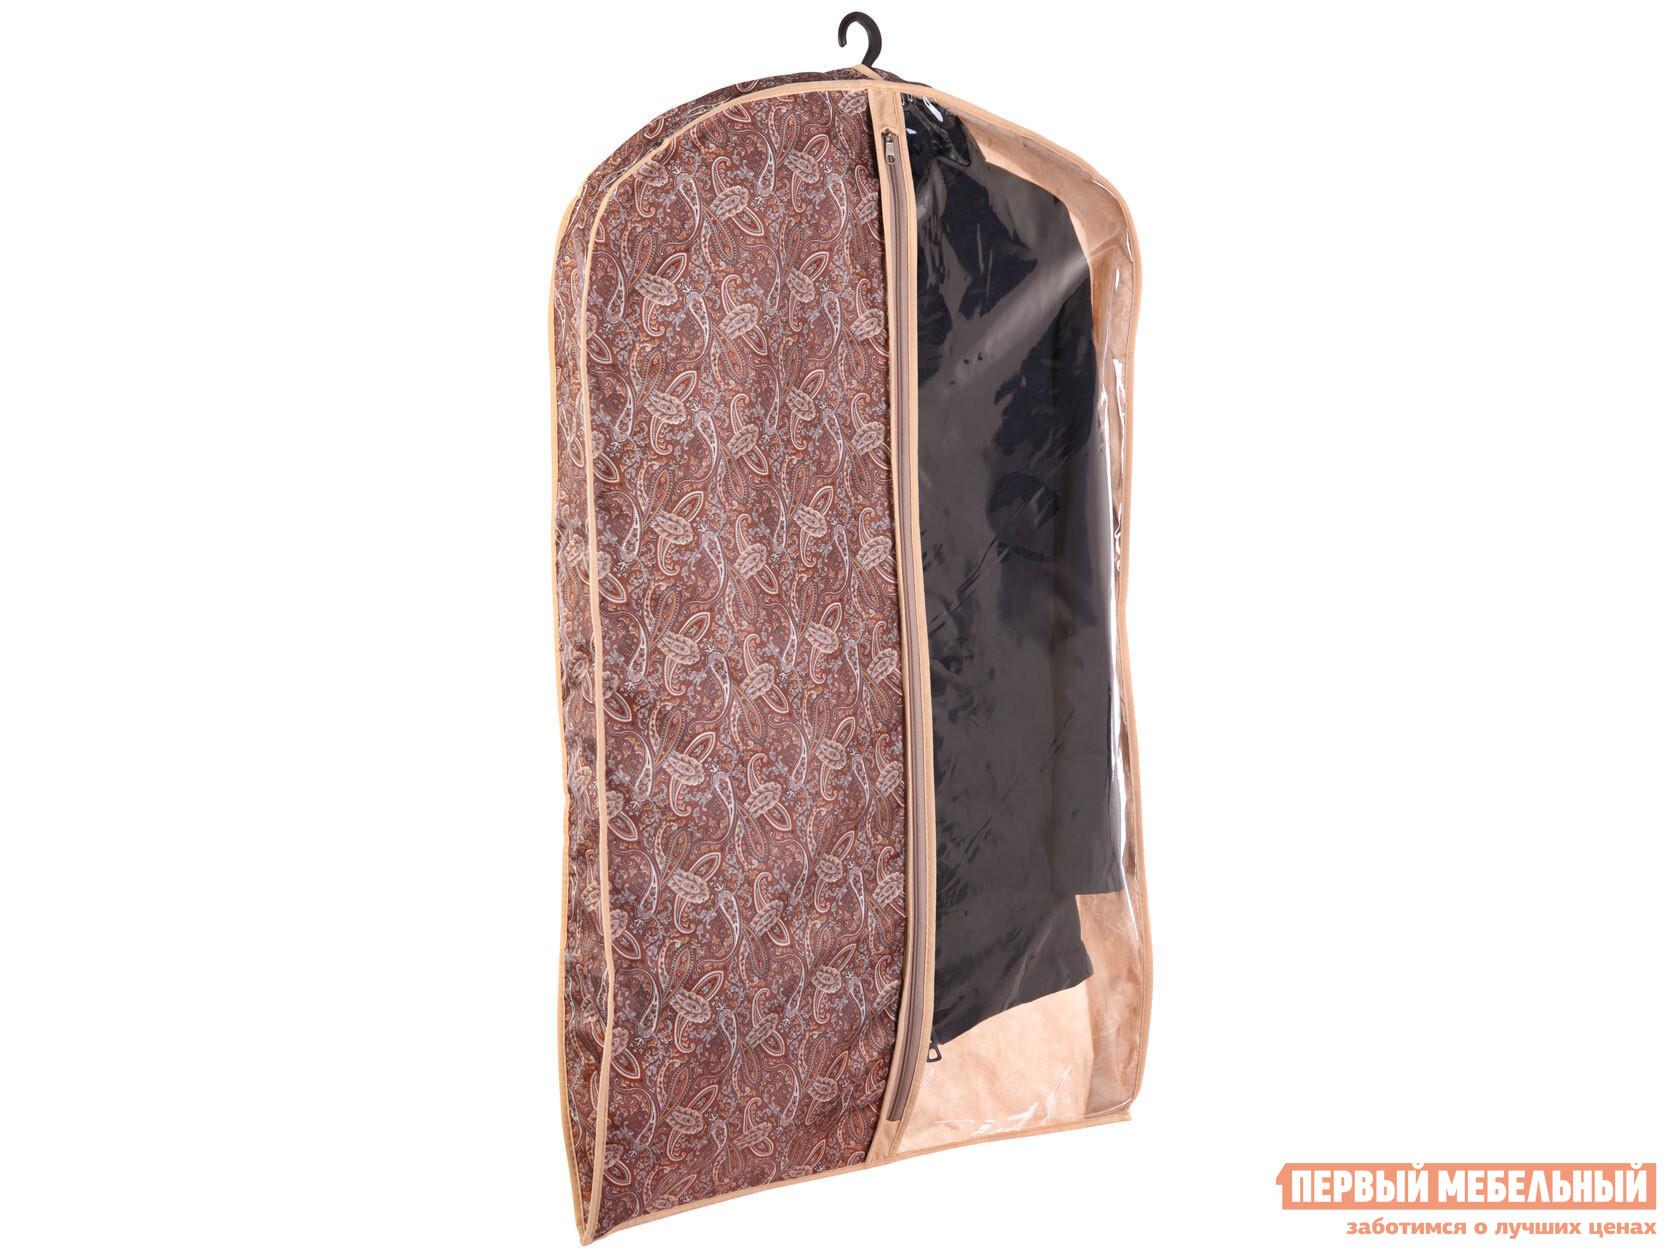 Объемный чехол для одежды Первый Мебельный Чехол объемный для одежды малый 60х100х10см